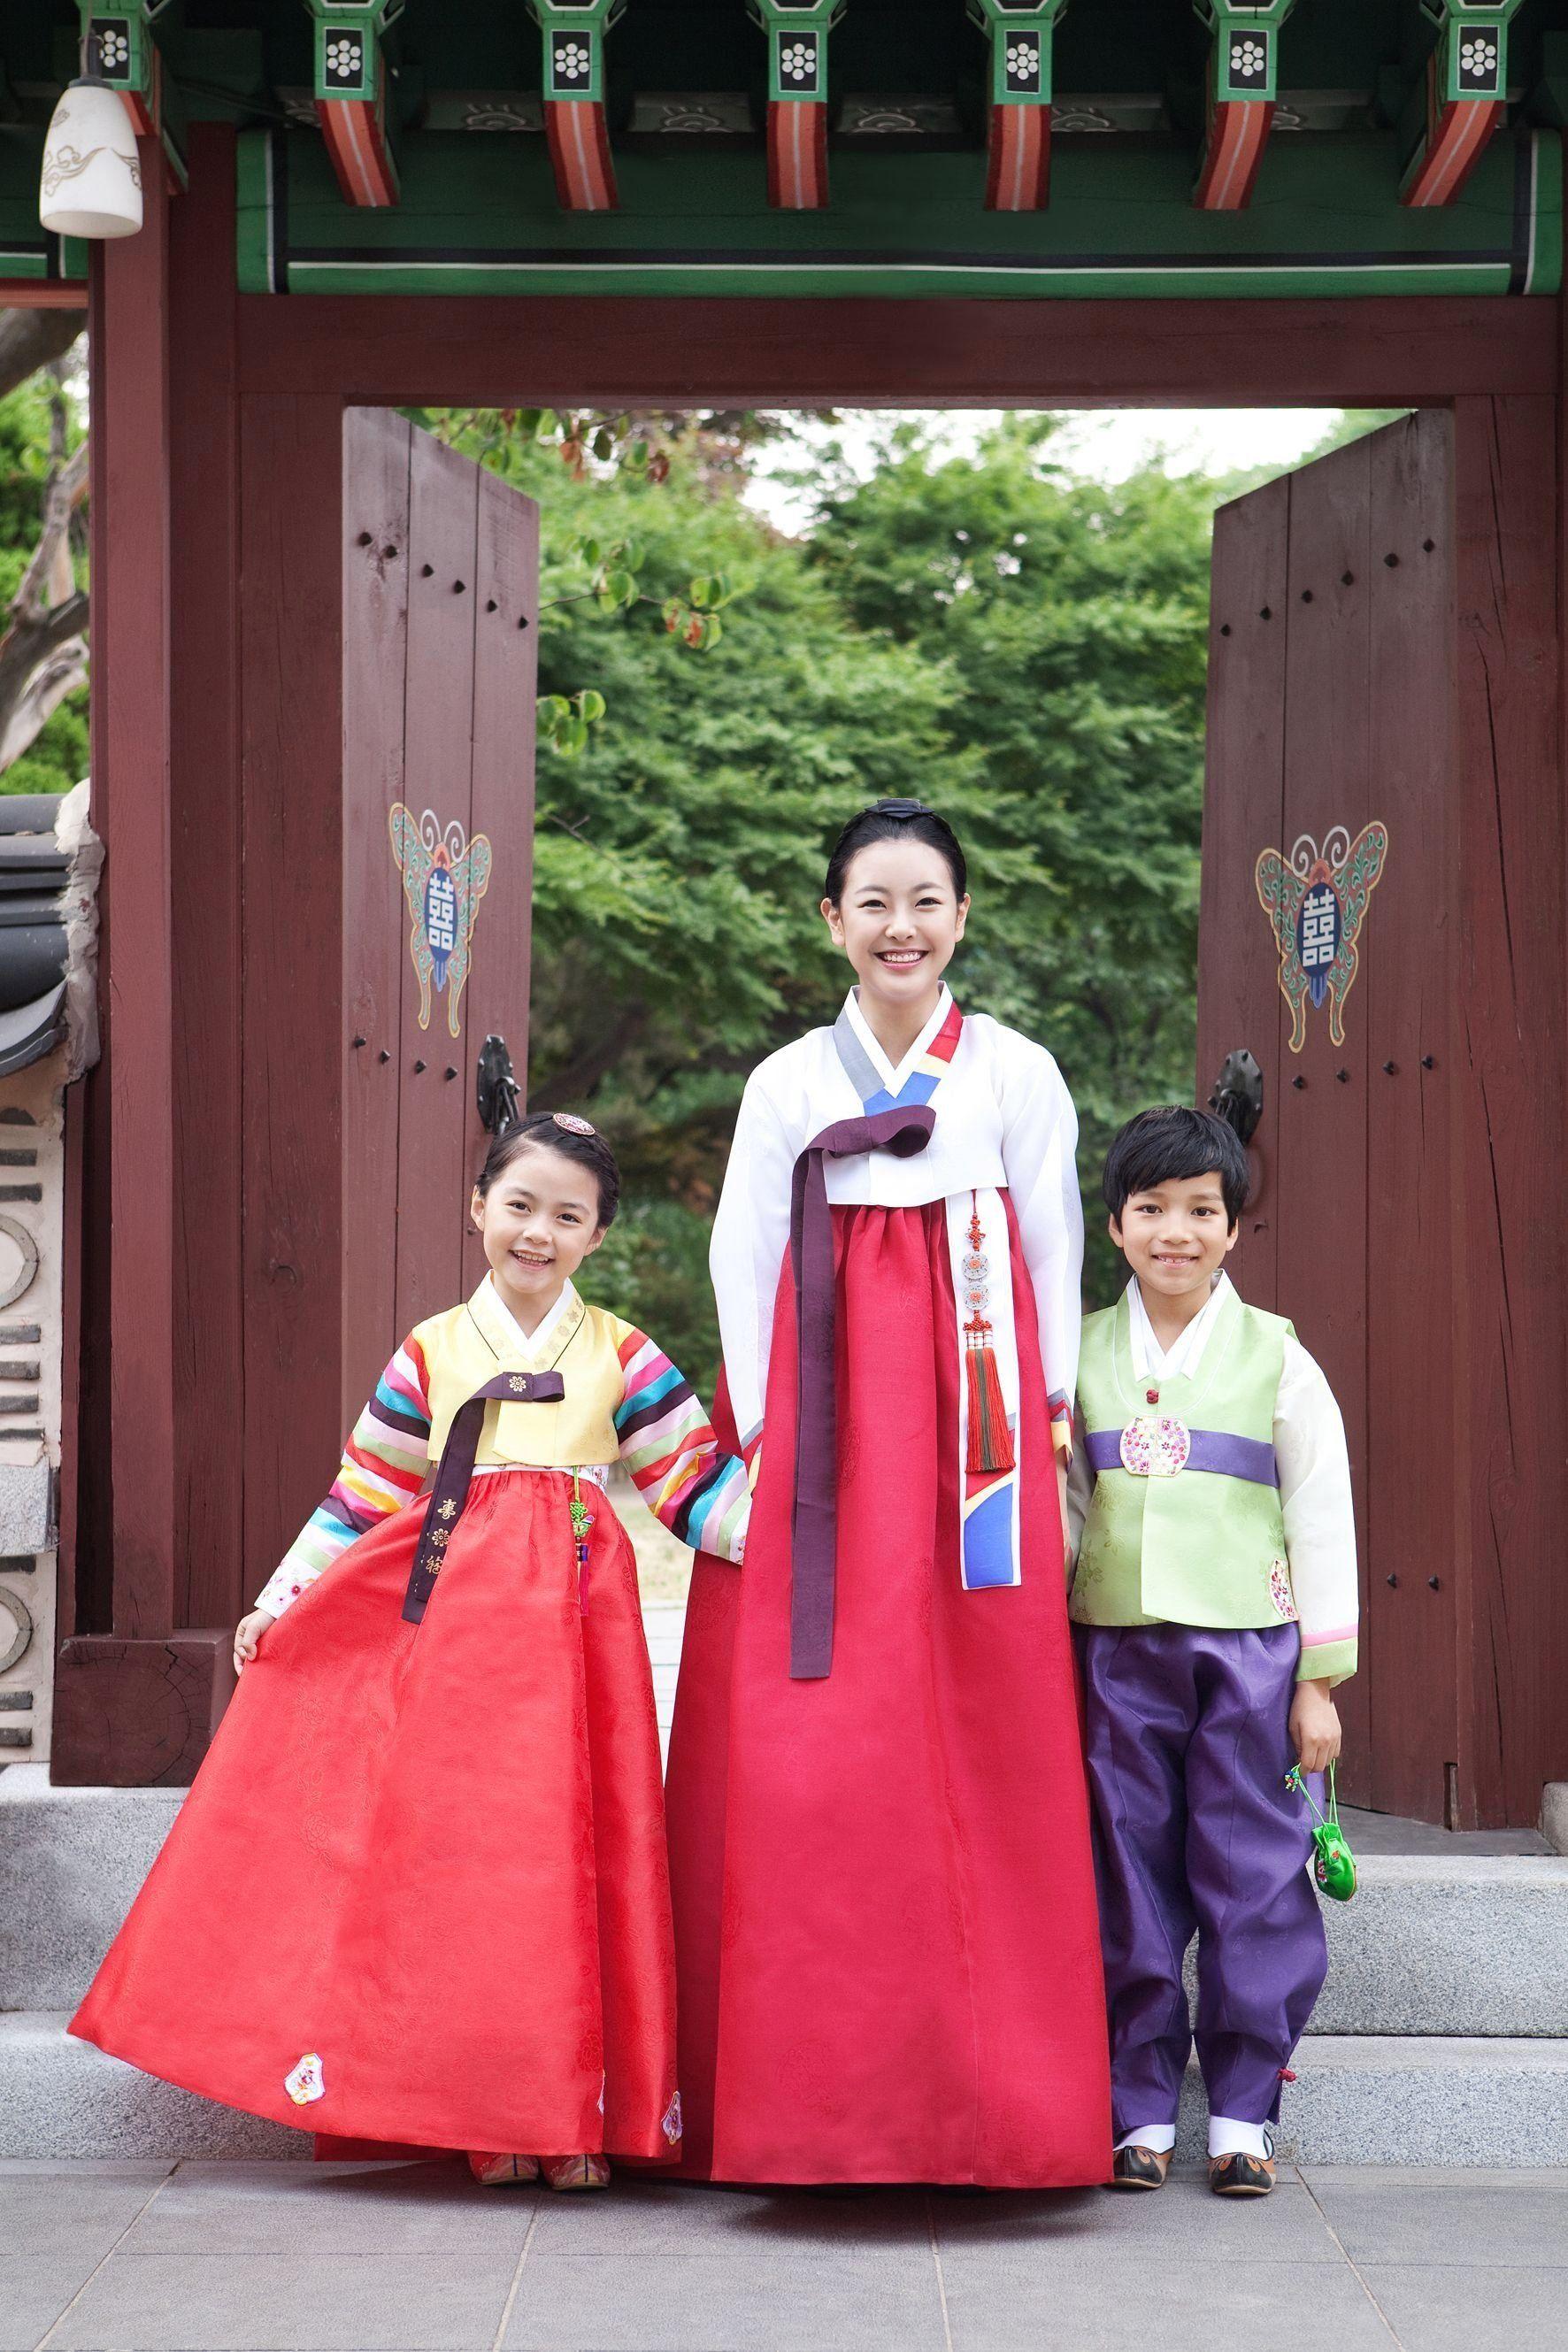 Happy Chuseok Chuseok Is Korean Thanksgiving A Day Where Families Visit Their 1000 In 2020 Korean Thanksgiving Korean Traditional Dress Traditional Outfits